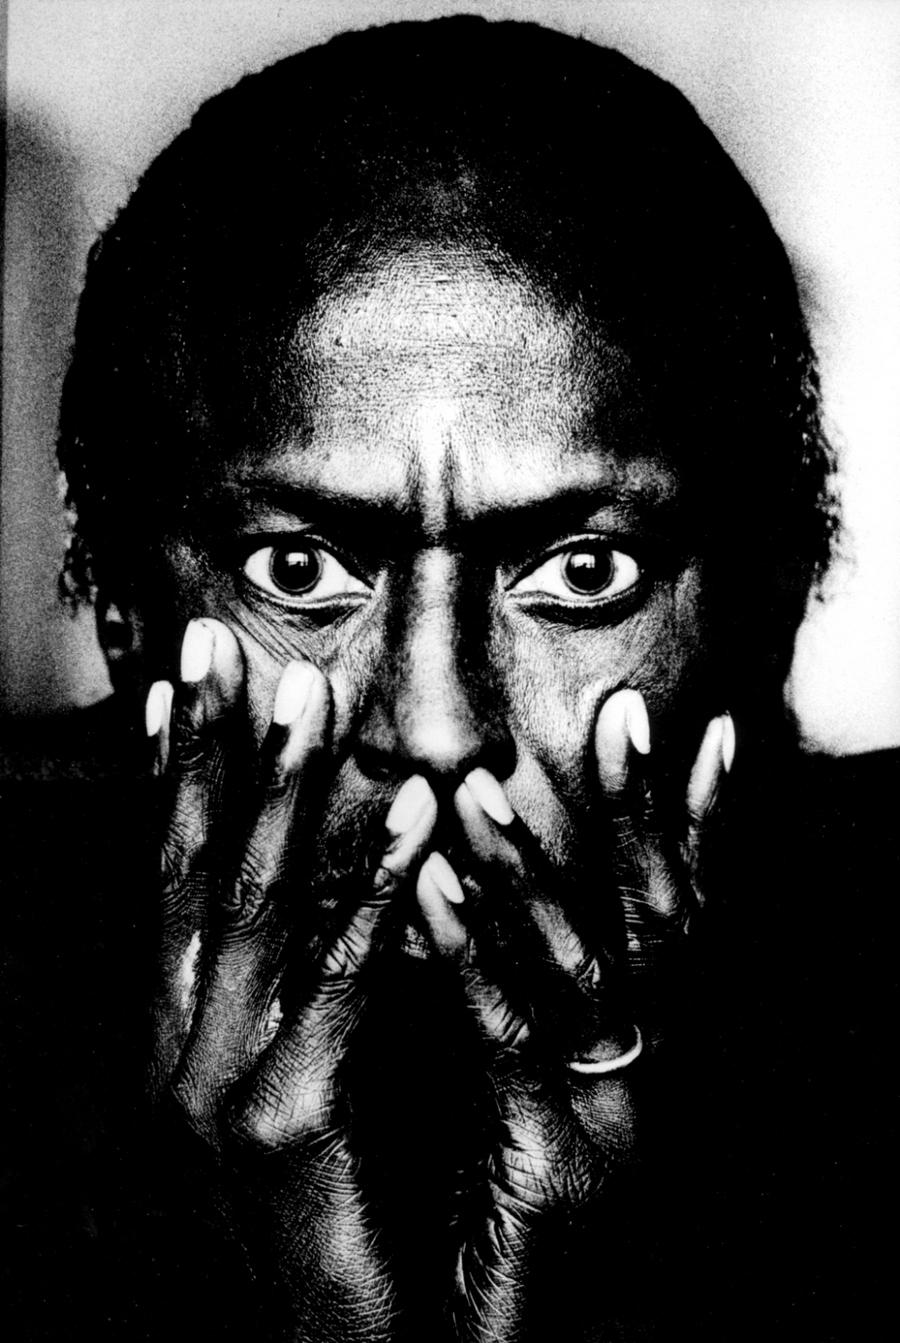 29) Майлз Дэвис. Дэвис играл не переставая с самого детства и до самой смерти в 1991 году. В 1991 году он был удостоен Грэмми за пожизненные достижения в музыке. Дэвис был далеко не первым джазовым музыкантом, но именно его влияние стало ключевым для развития джаза. Дата и фотограф: неизвестны.